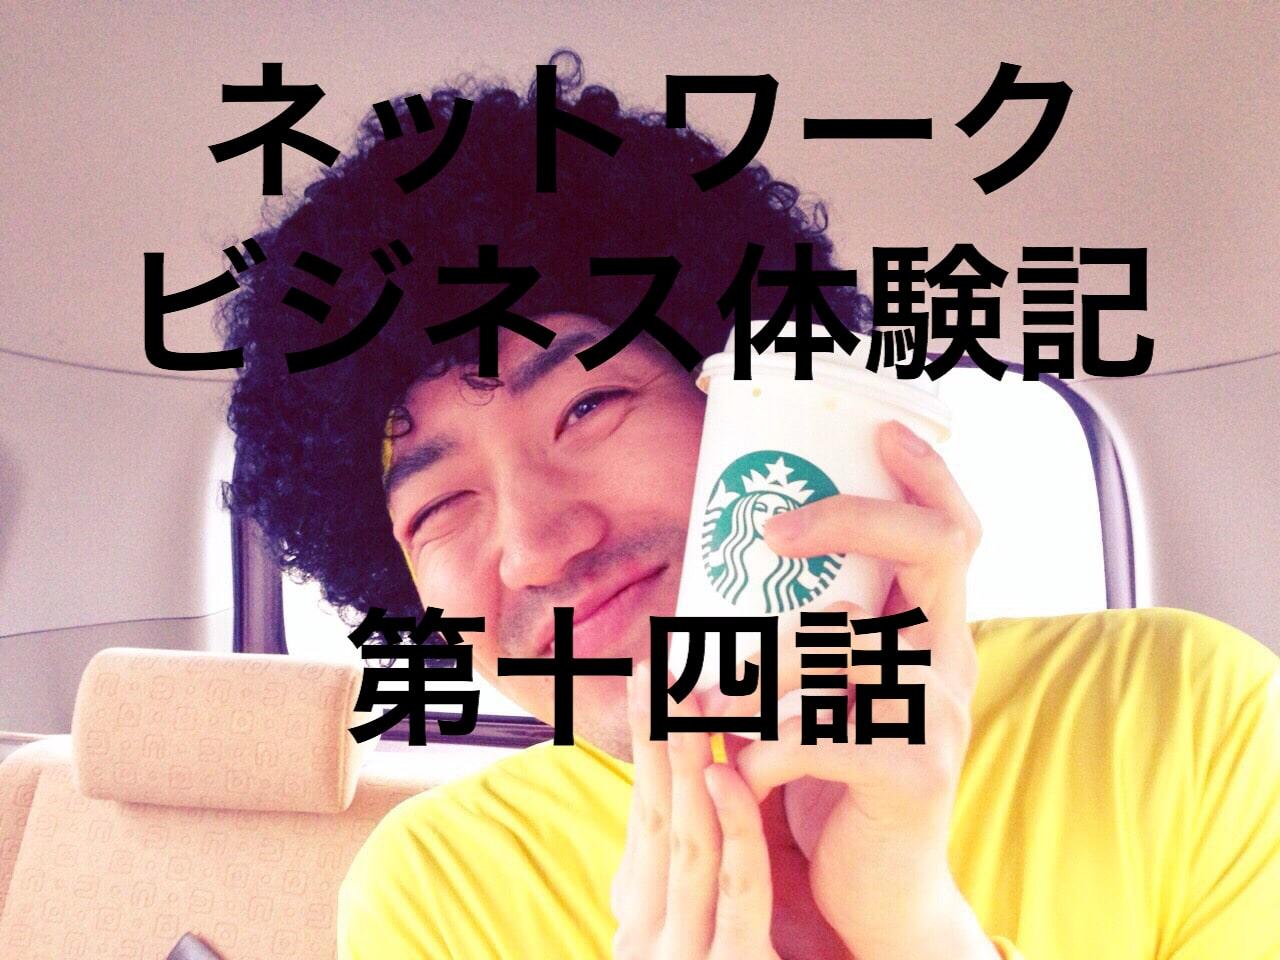 【第十四話】実録!ネットワークビジネス(マルチ商法)体験記